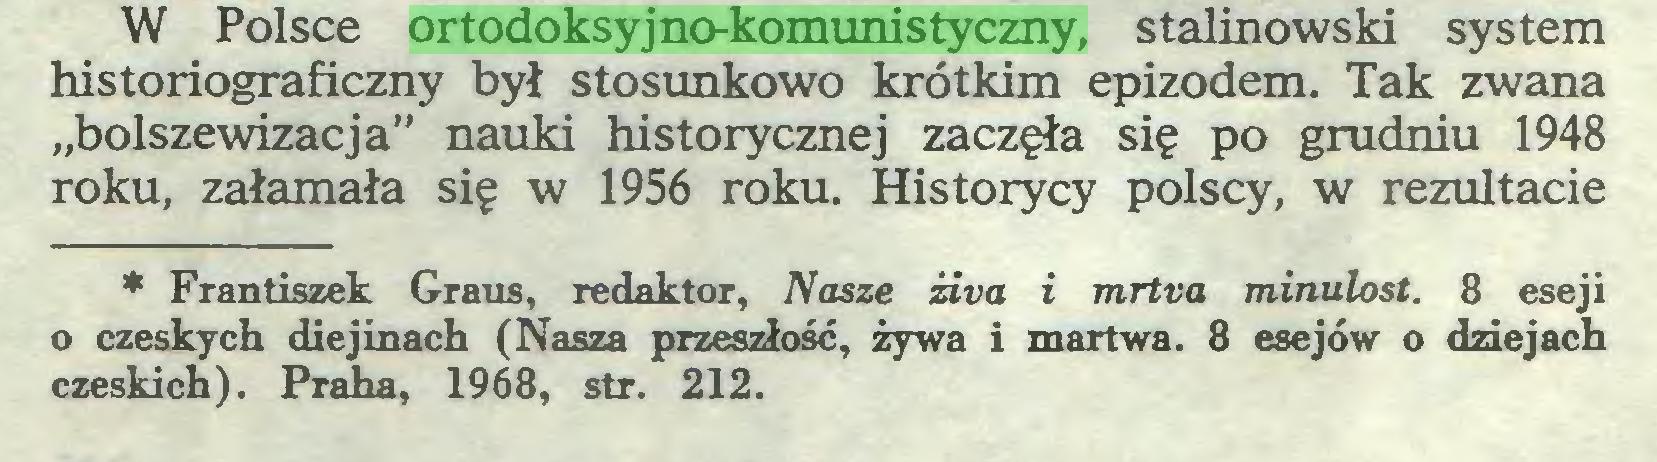 """(...) W Polsce ortodoksyjno-komunistyczny, stalinowski system historiograficzny był stosunkowo krótkim epizodem. Tak zwana """"bolszewizacja"""" nauki historycznej zaczęła się po grudniu 1948 roku, załamała się w 1956 roku. Historycy polscy, w rezultacie ** Frantiszek Graus, redaktor, Nasze żiva i mrtva minulost. 8 eseji o czeskych diejinach (Nasza przeszłość, żywa i martwa. 8 esejów o dziejach czeskich). Praha, 1968, str. 212..."""